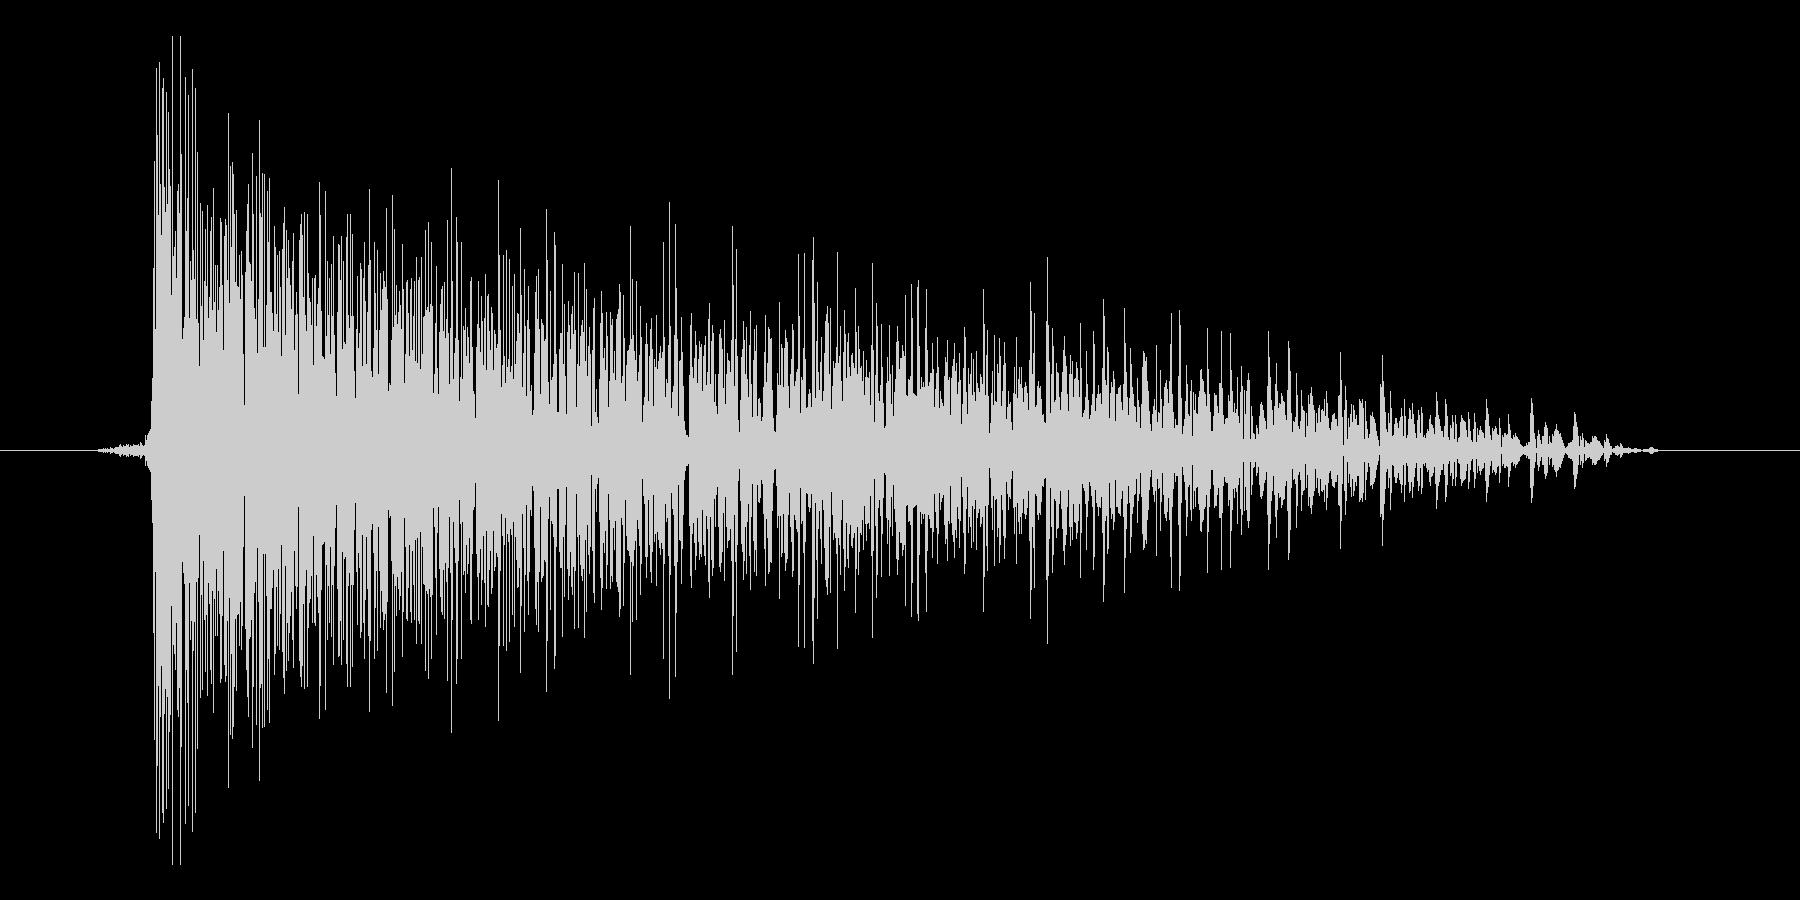 ゲーム(ファミコン風)爆発音_012の未再生の波形